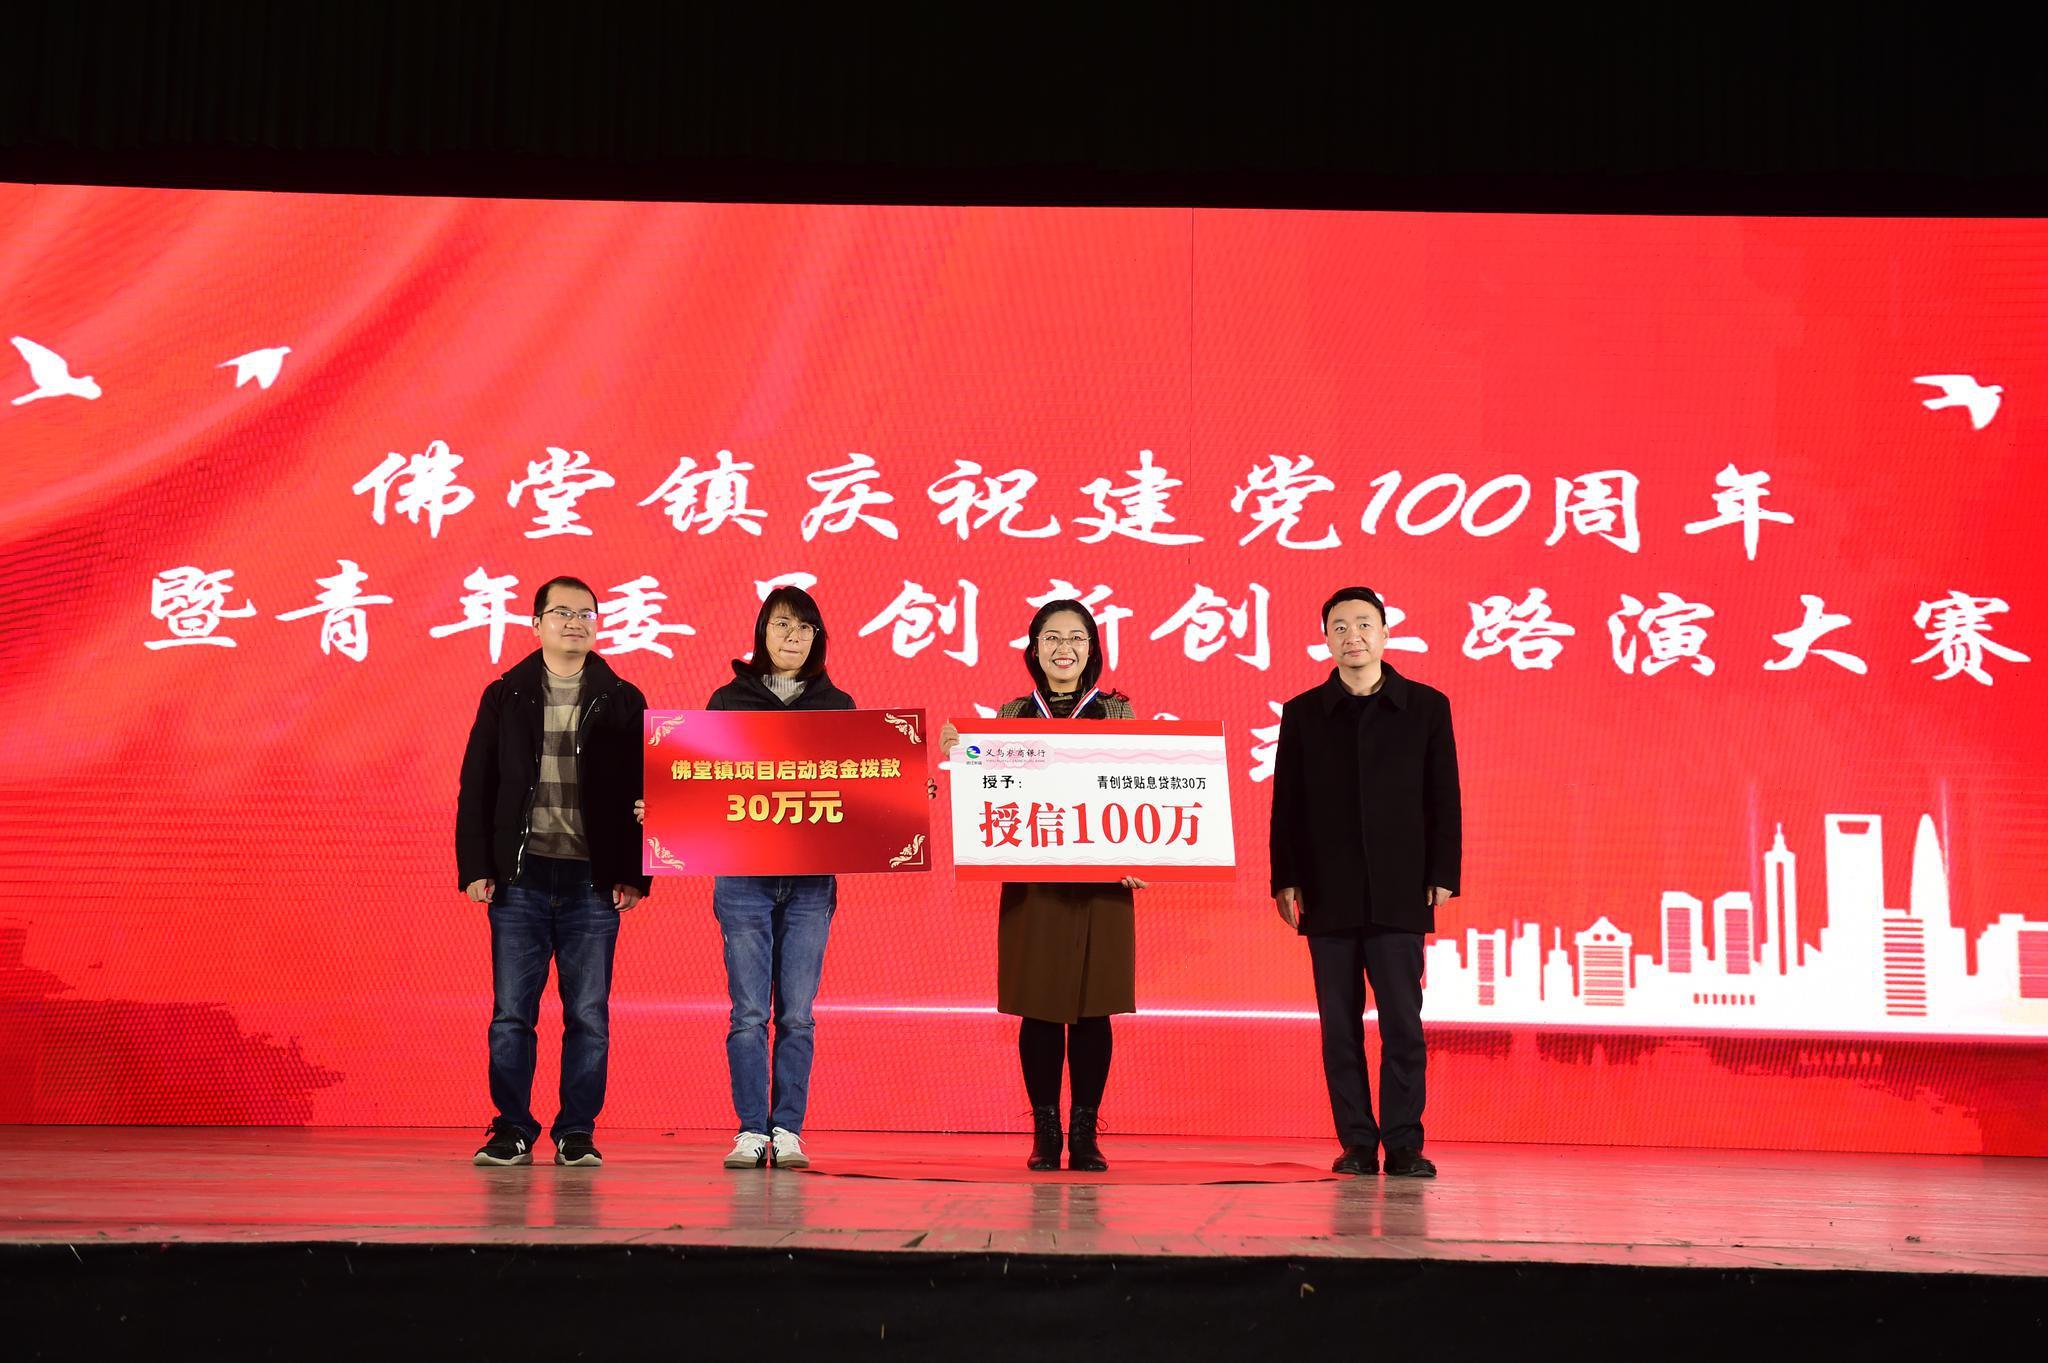 百万启动资金谁有本事谁拿走 义乌青年委员创新创业路演大赛助力乡村振兴